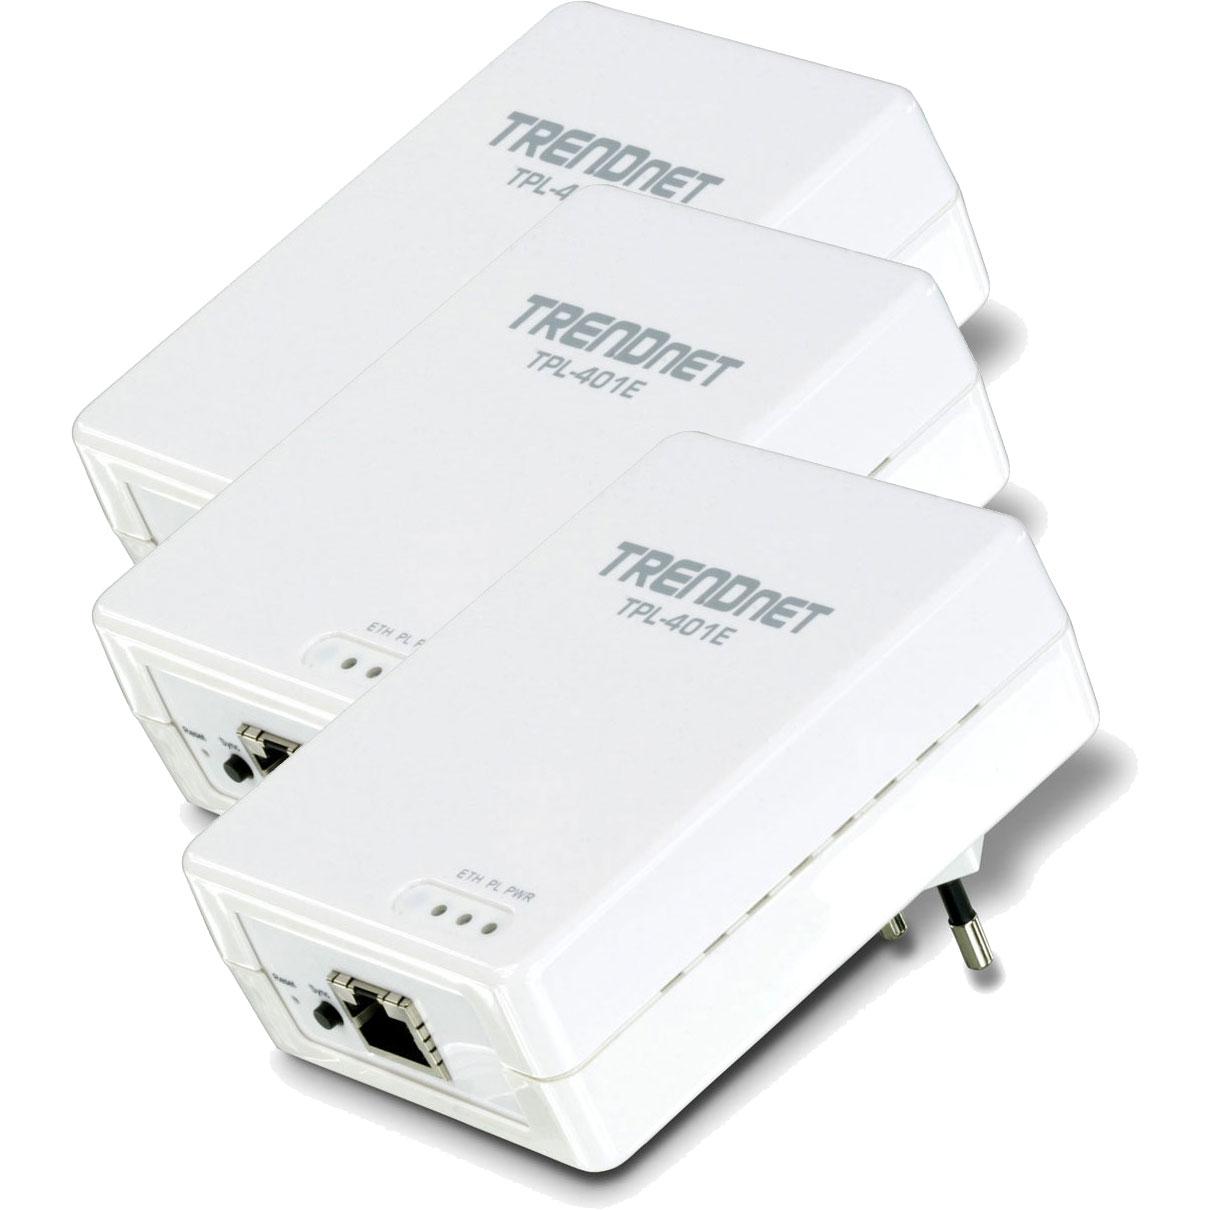 CPL TRENDnet TPL-401E2K + TPL-401E TRENDnet TPL-401E2K + TPL-401E - Kit de 3 adaptateurs CPL 500 Mbps